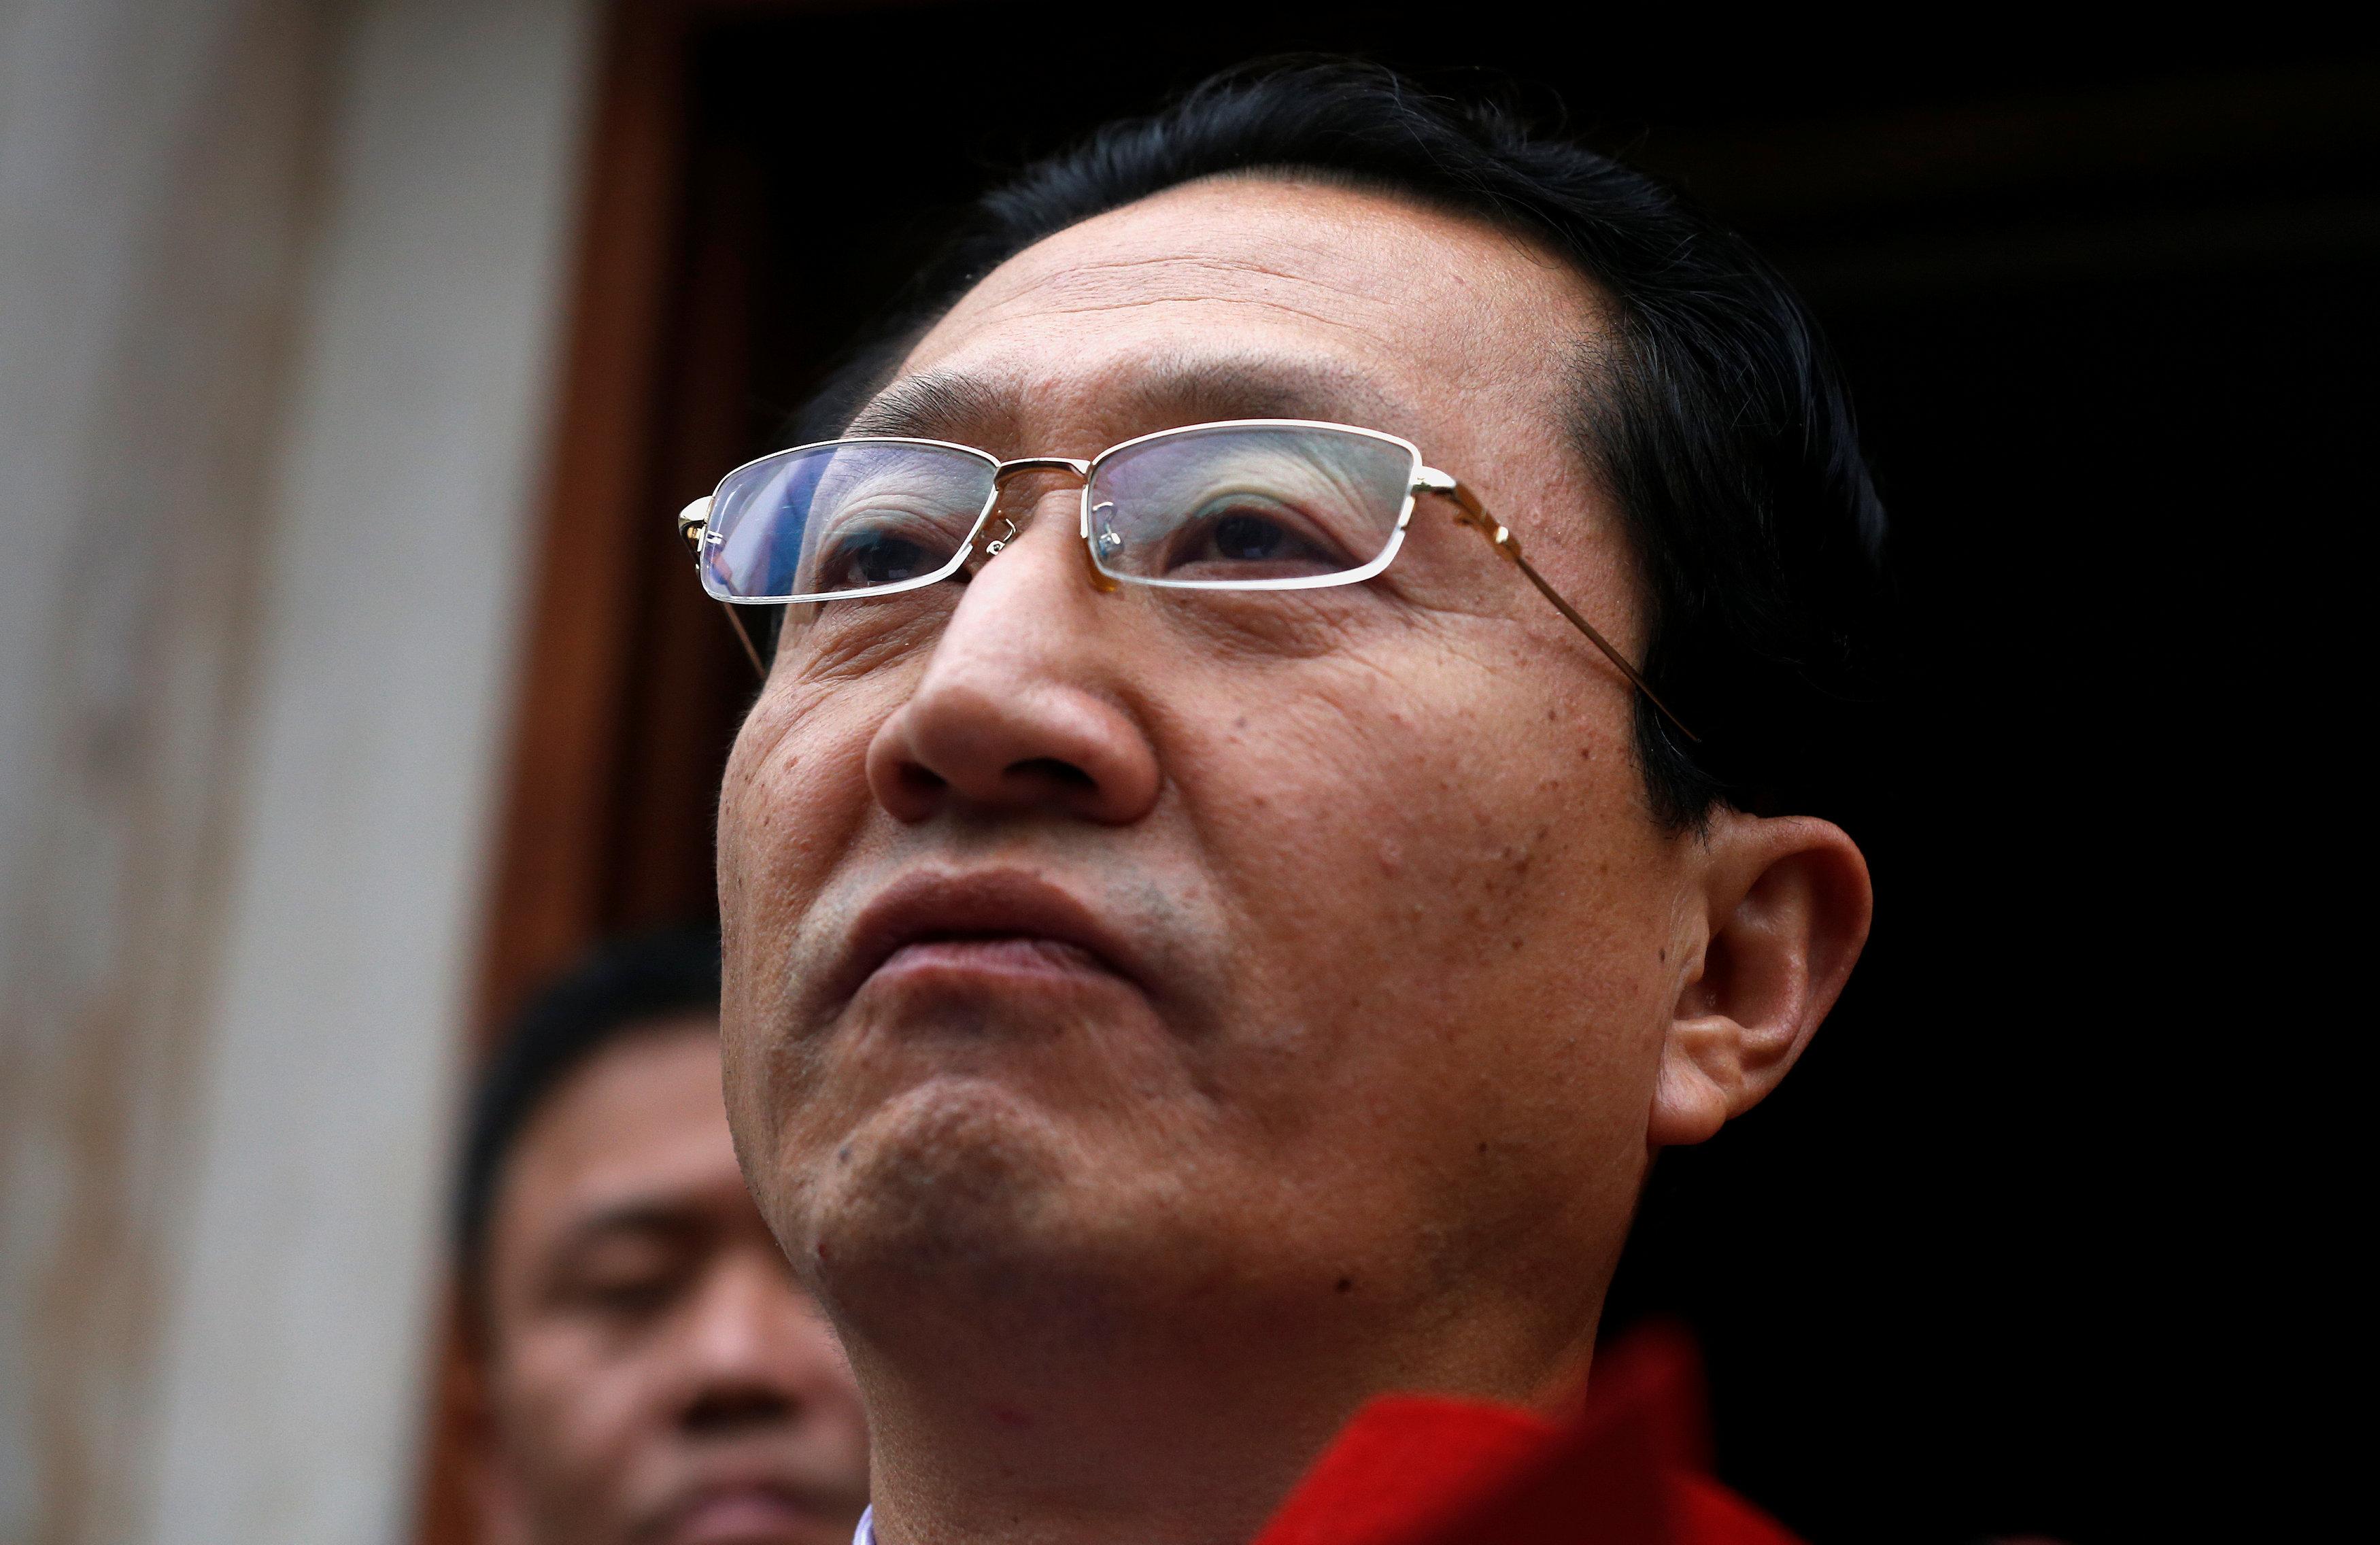 Embajador norcoreano desacata orden para abandonar México